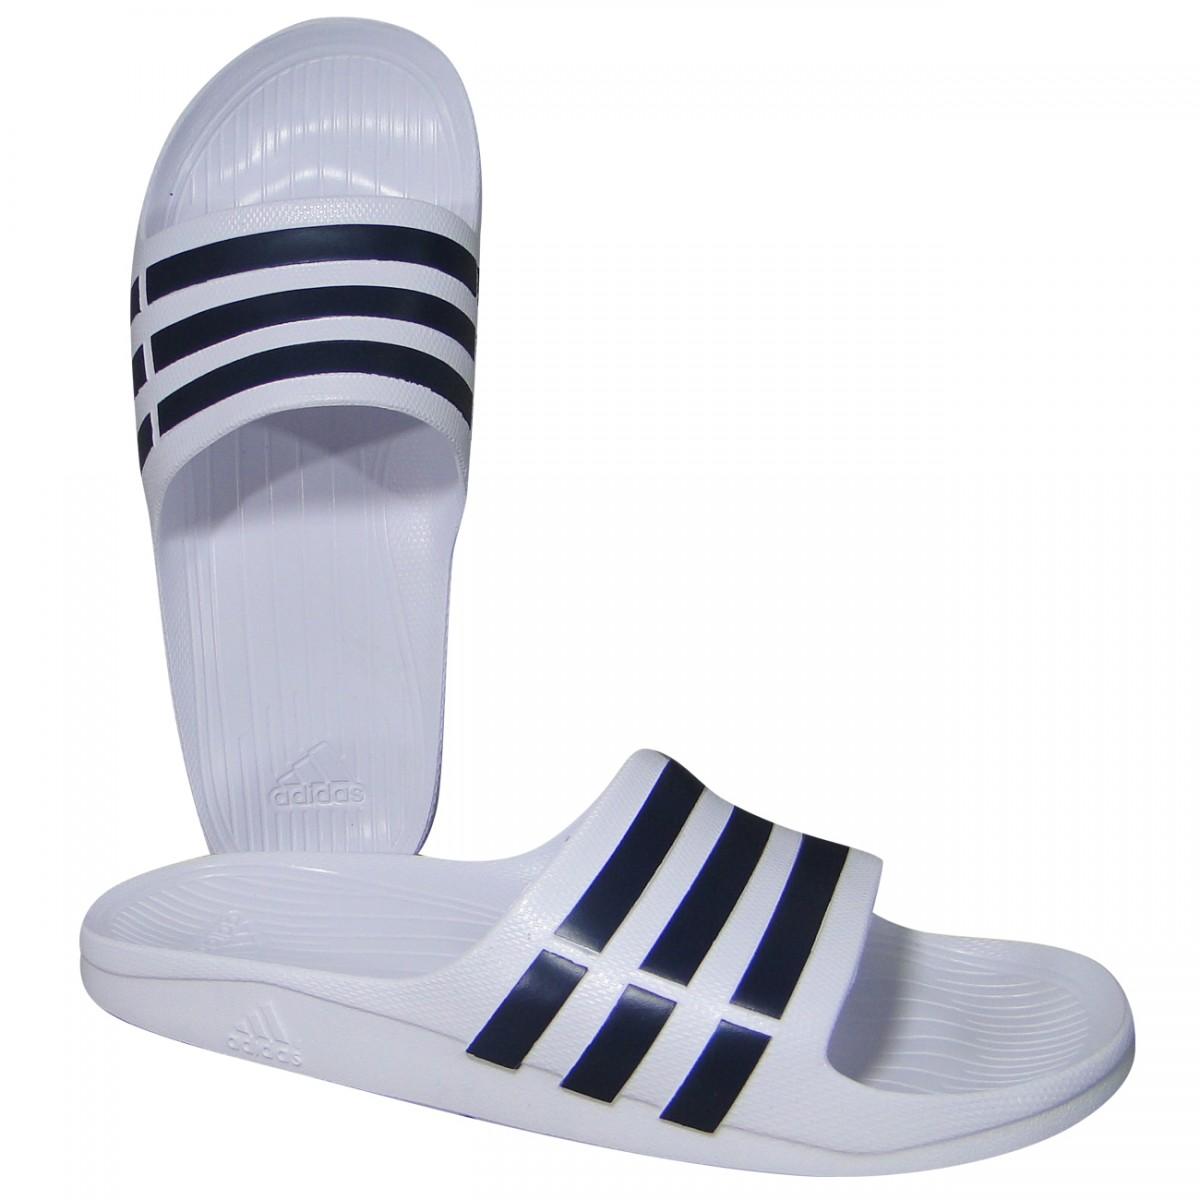 9663489c196 Chinelo Adidas Duramo Slide F32892 - Branco Preto - Chuteira Nike ...